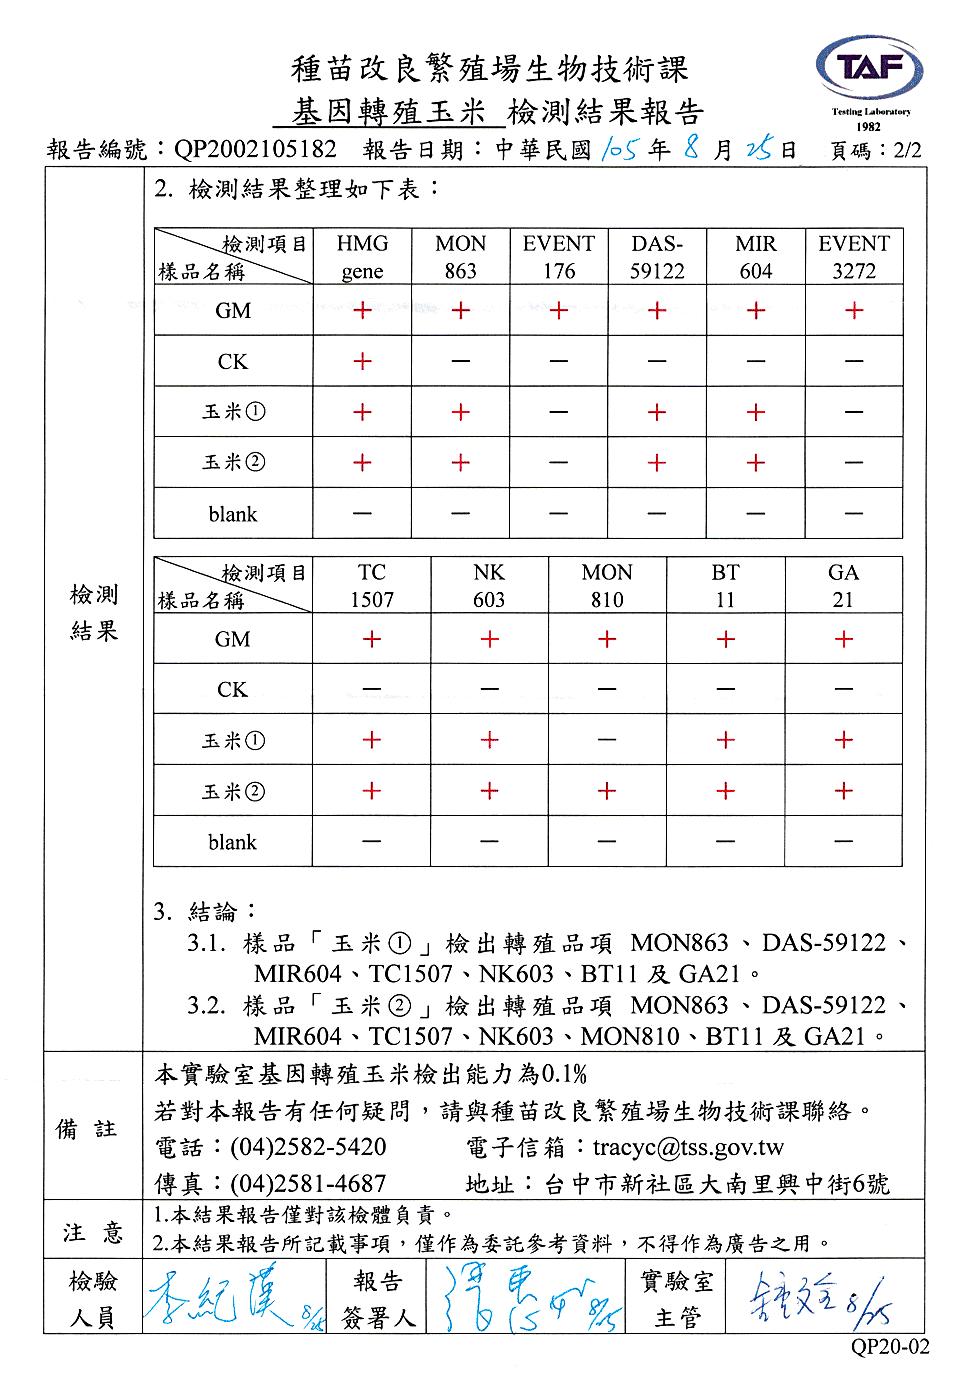 (樣品玉米檢出轉殖品項MON863、DAS-59122、MIR604、TC1507、NK603、MON810、BT11、GA21。)